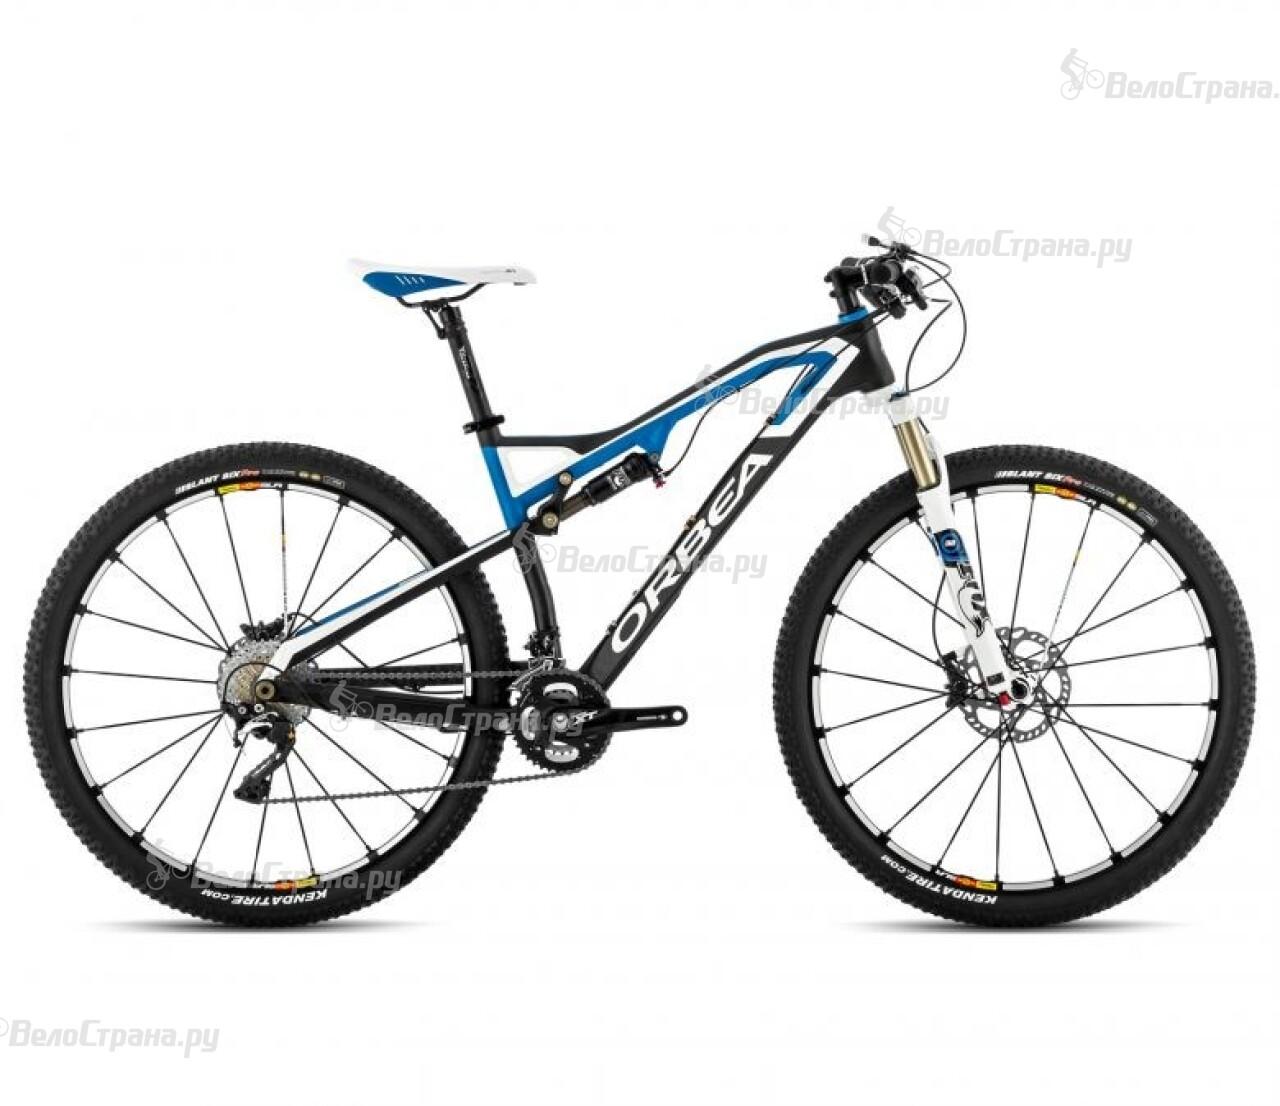 где купить Велосипед Orbea Occam 29 M30 (2014) дешево